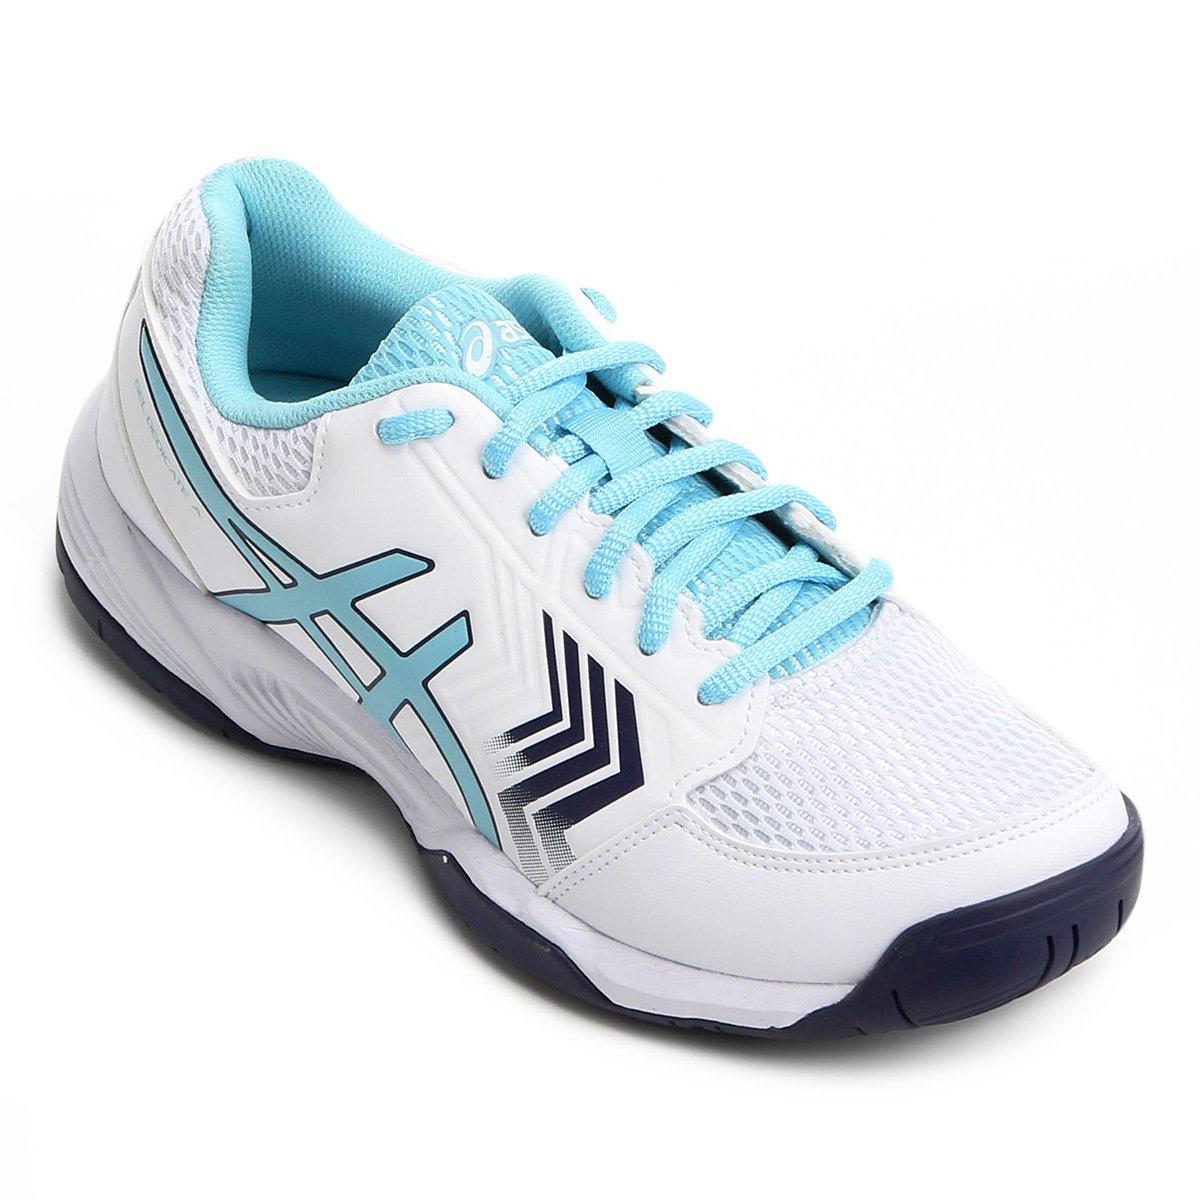 85de0fb19baf6 Tênis Asics Gel-Dedicate 5A Feminino - Branco e Azul - Compre Agora ...